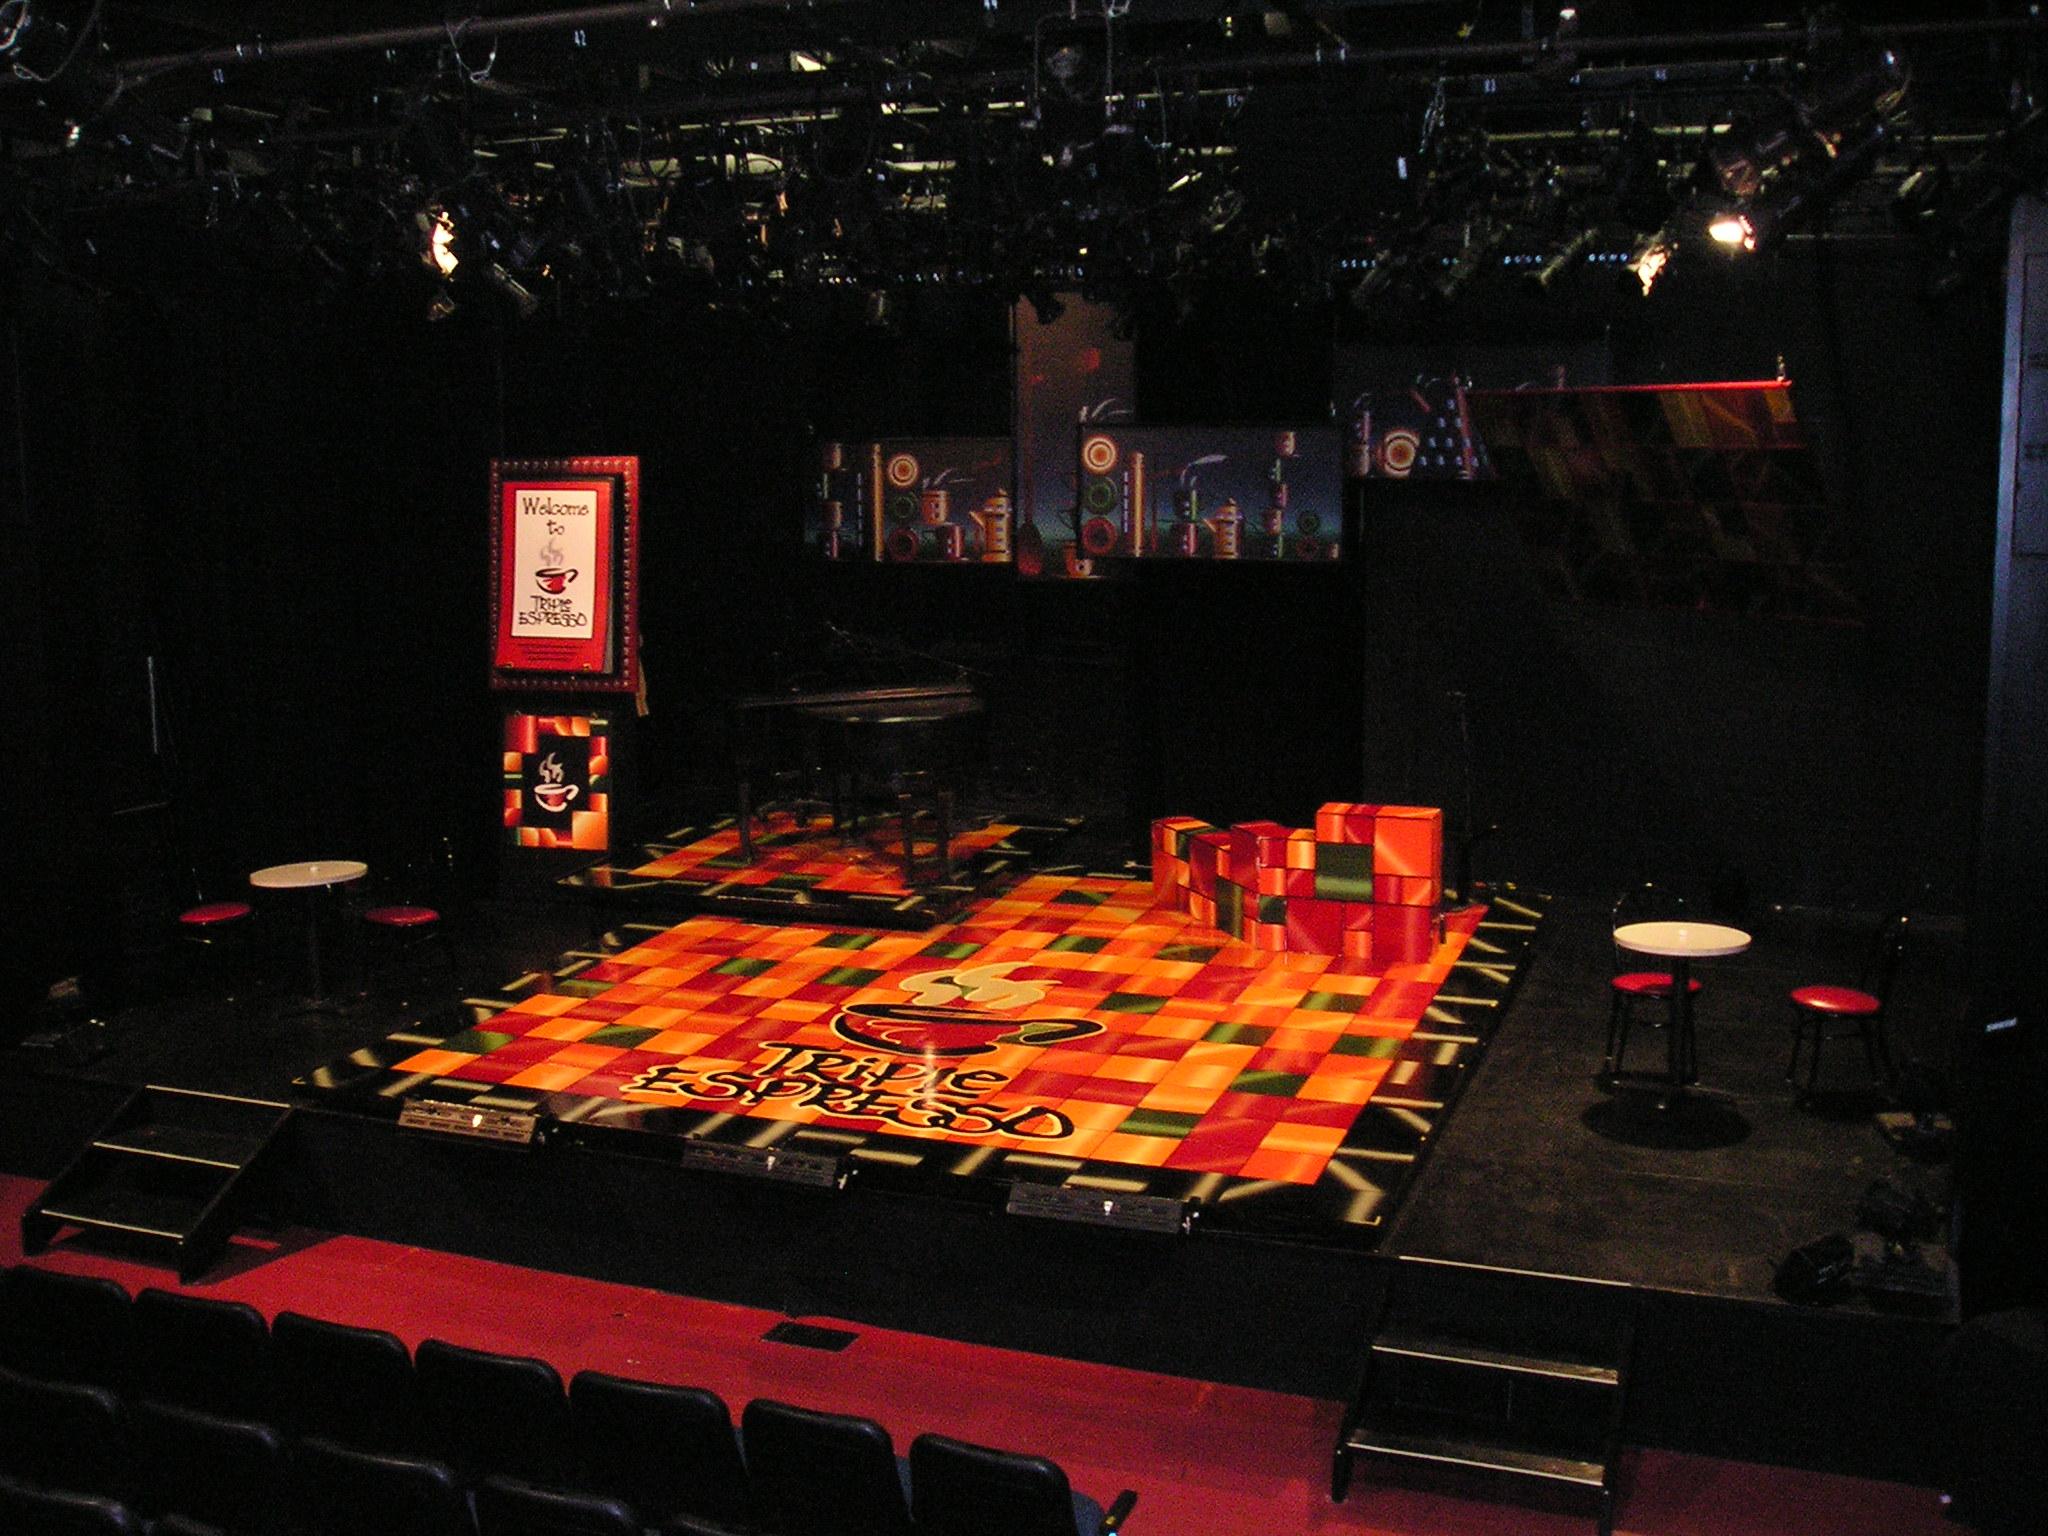 Geva Theatre Center: Fielding Stage